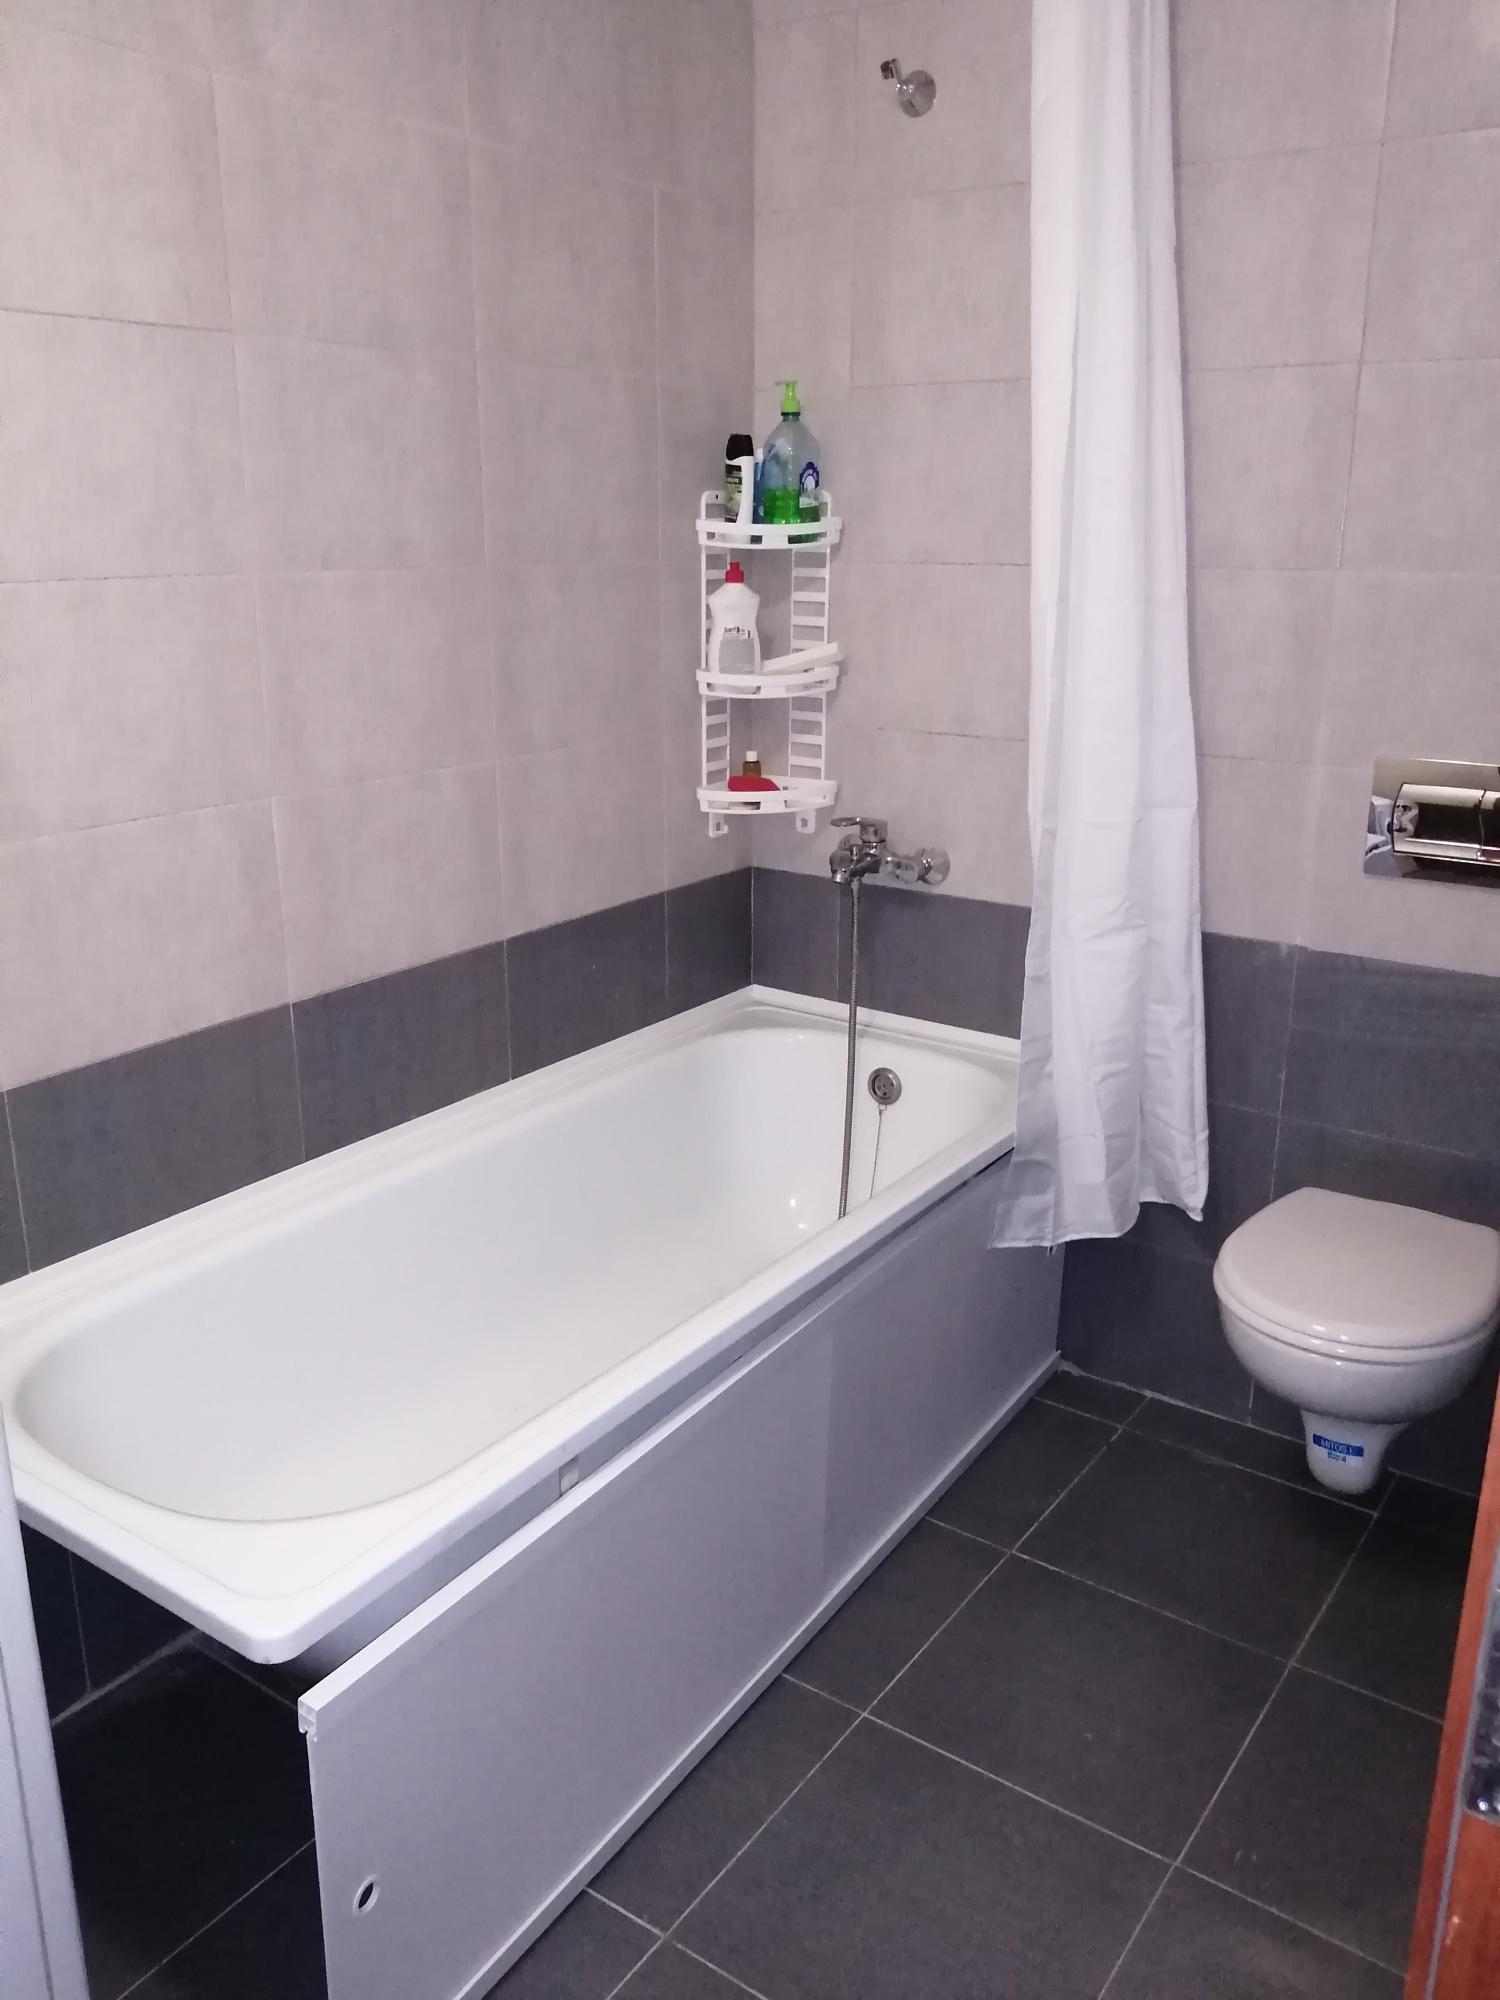 Квартира, 1 комната, 38 м² в Красково 89167750489 купить 7